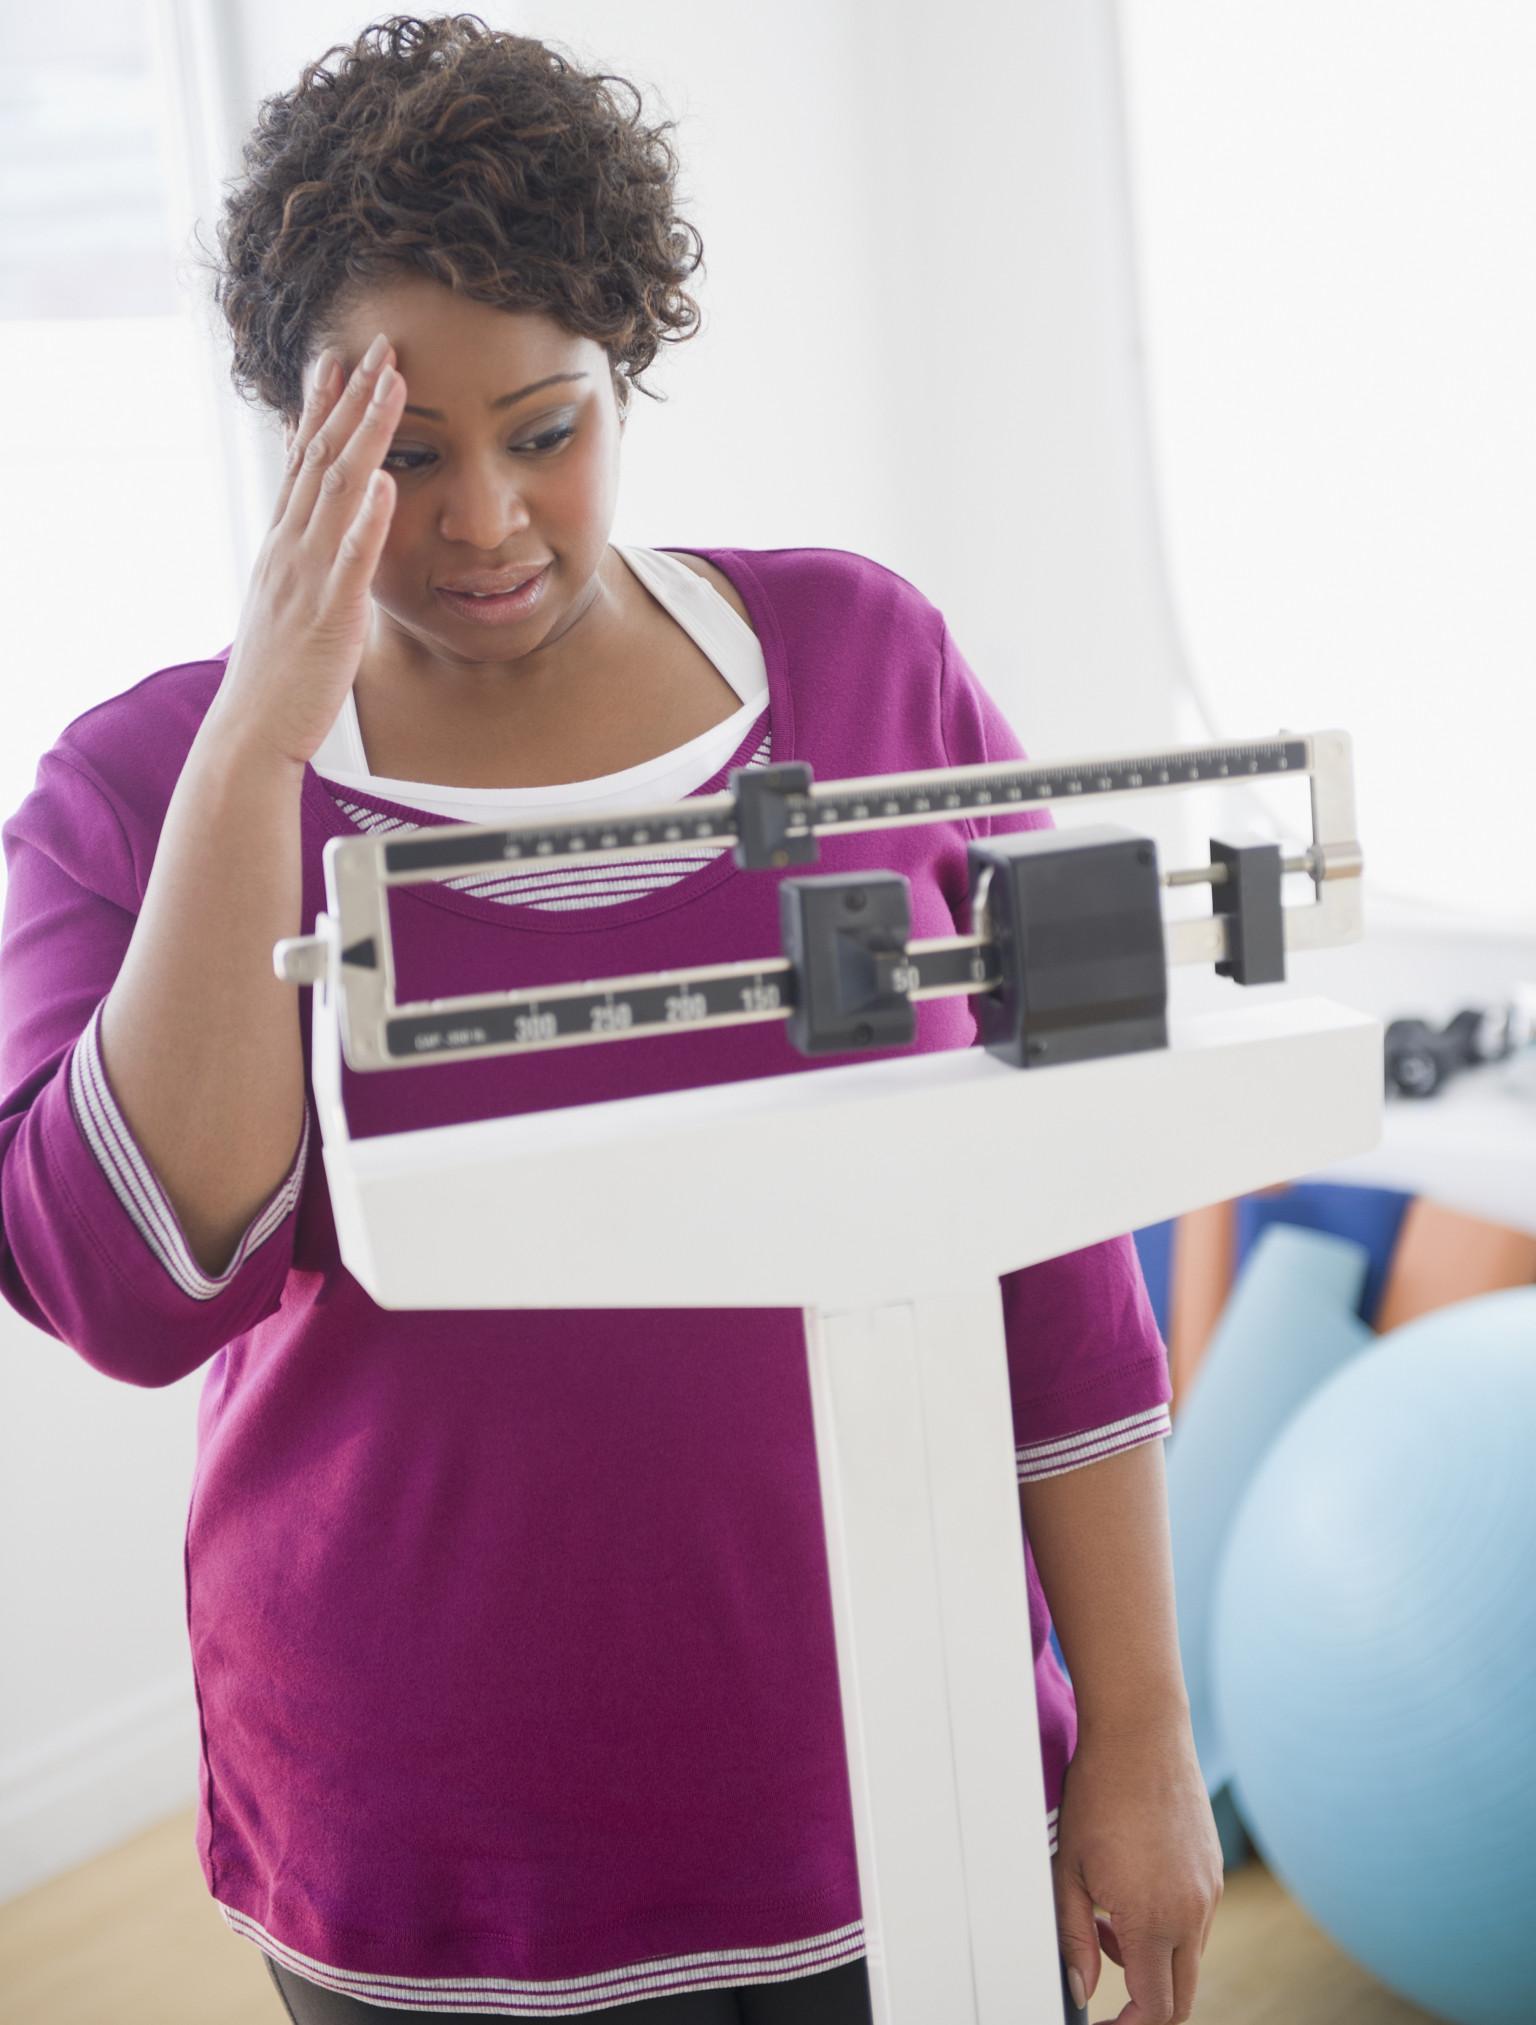 yo-yo dieting promotes obesity